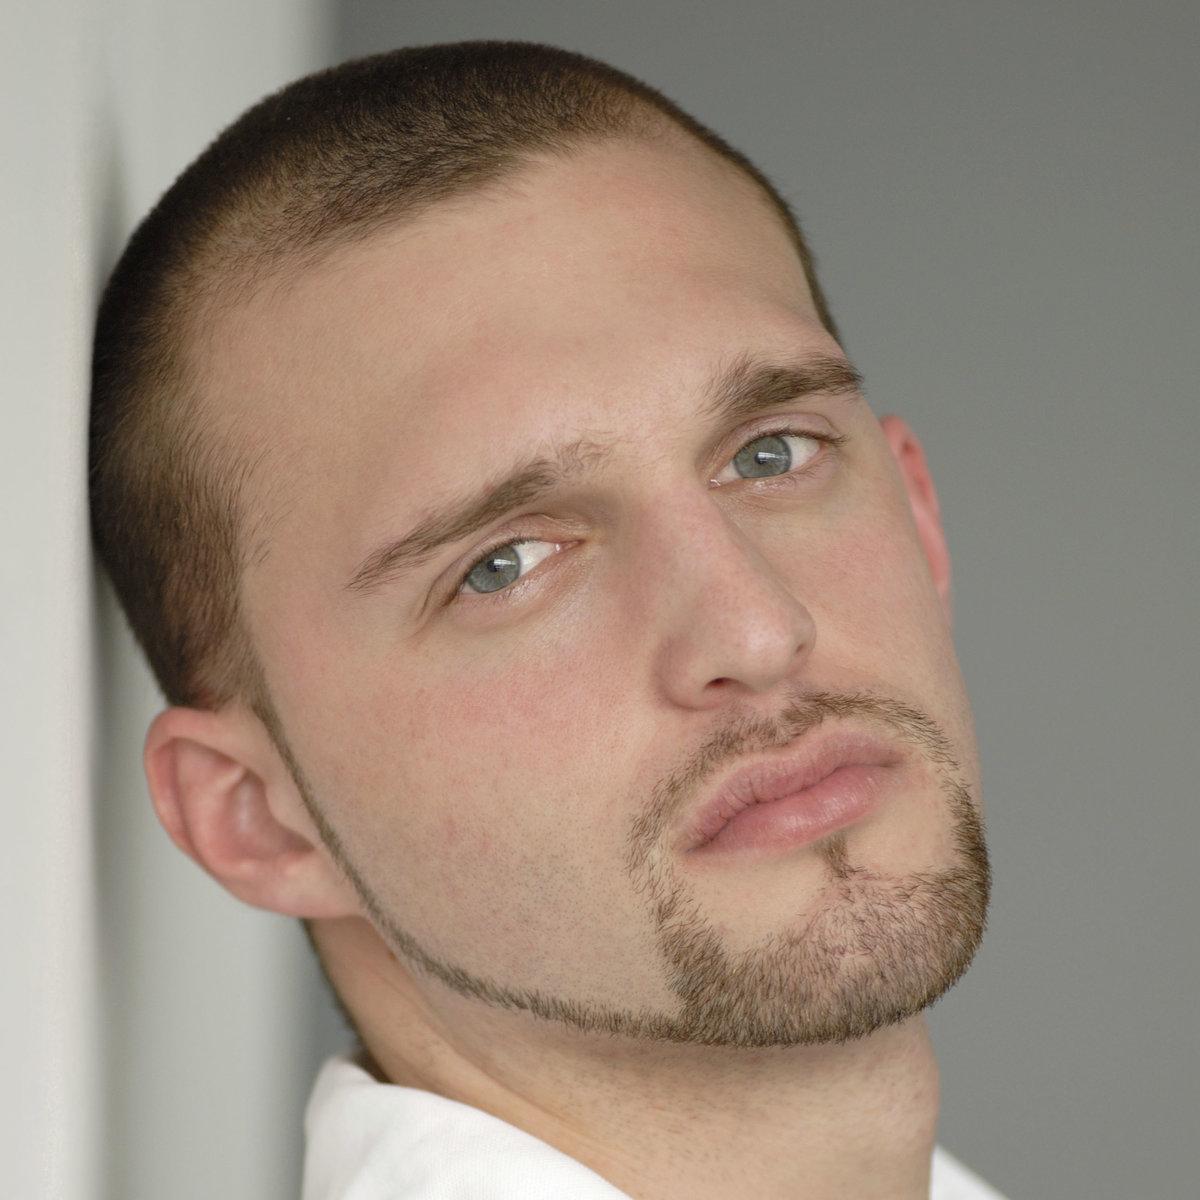 узнать, мужские стрижки на лице в картинках сочетании необычной